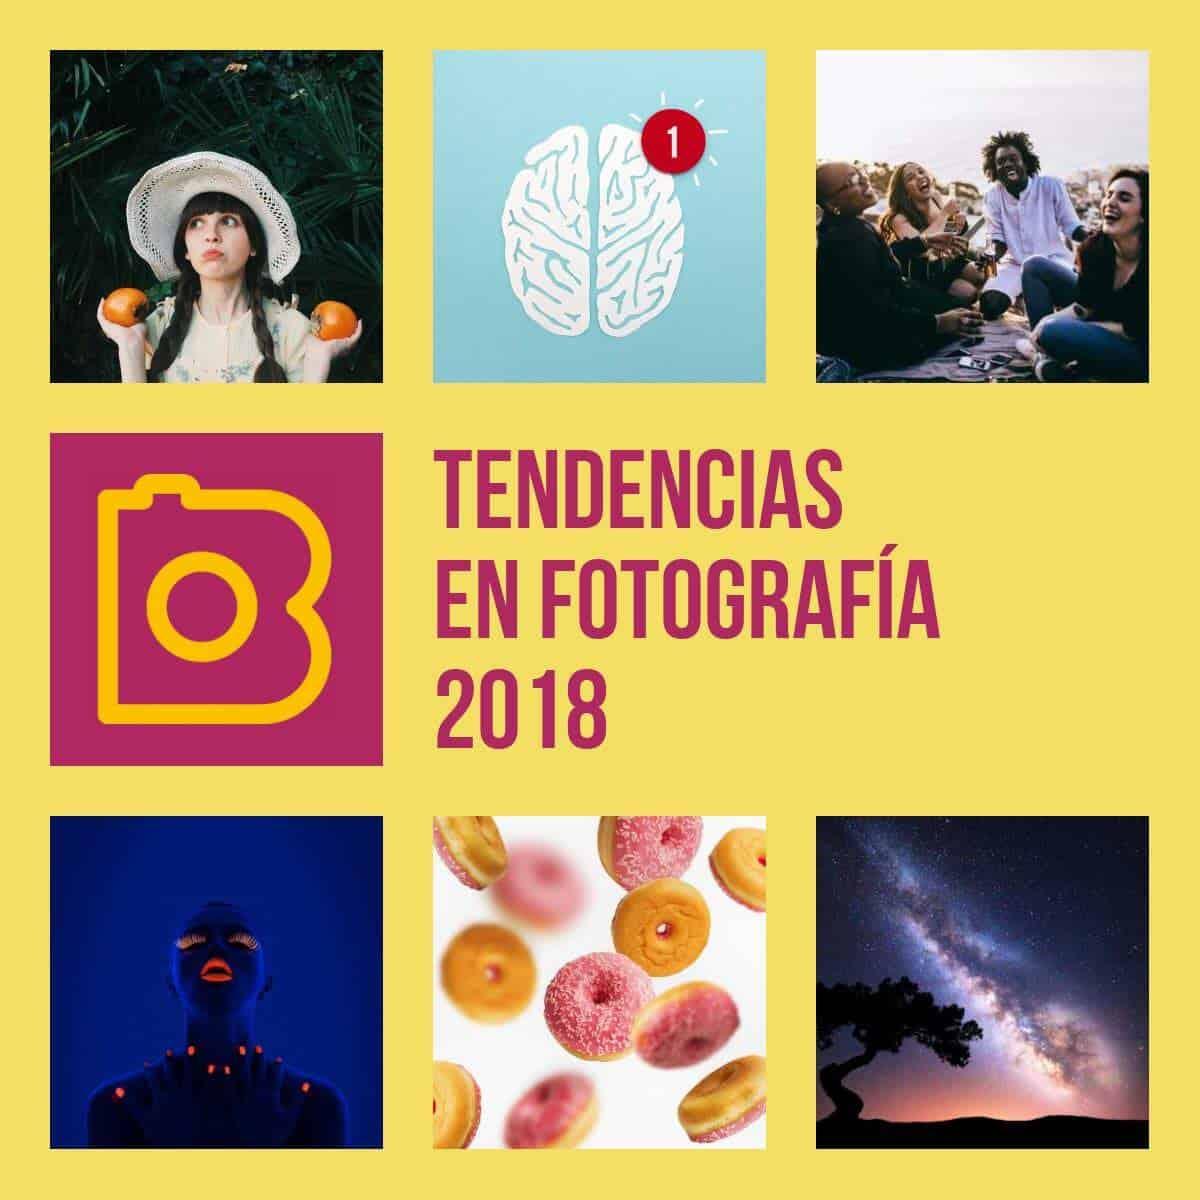 Tendencias en Fotografía 2018: Descubre las Imágenes Más Trendy del Año! 1